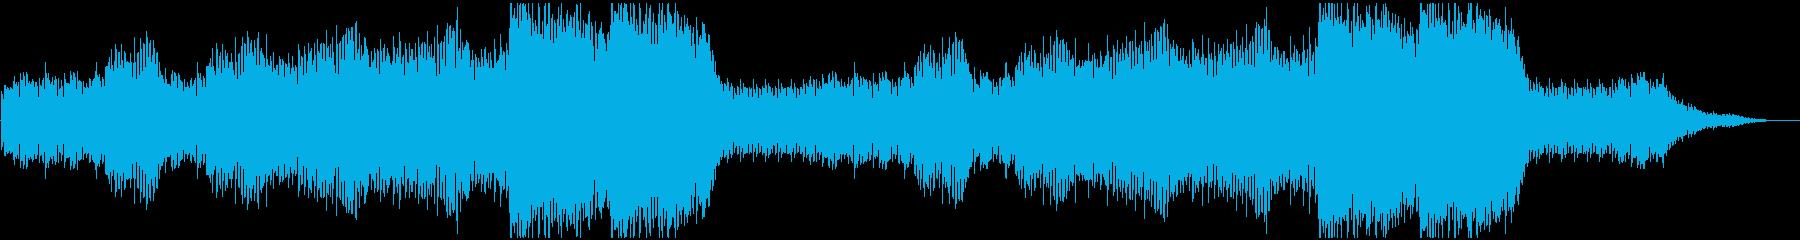 幻想的でミステリアスなシンセの再生済みの波形